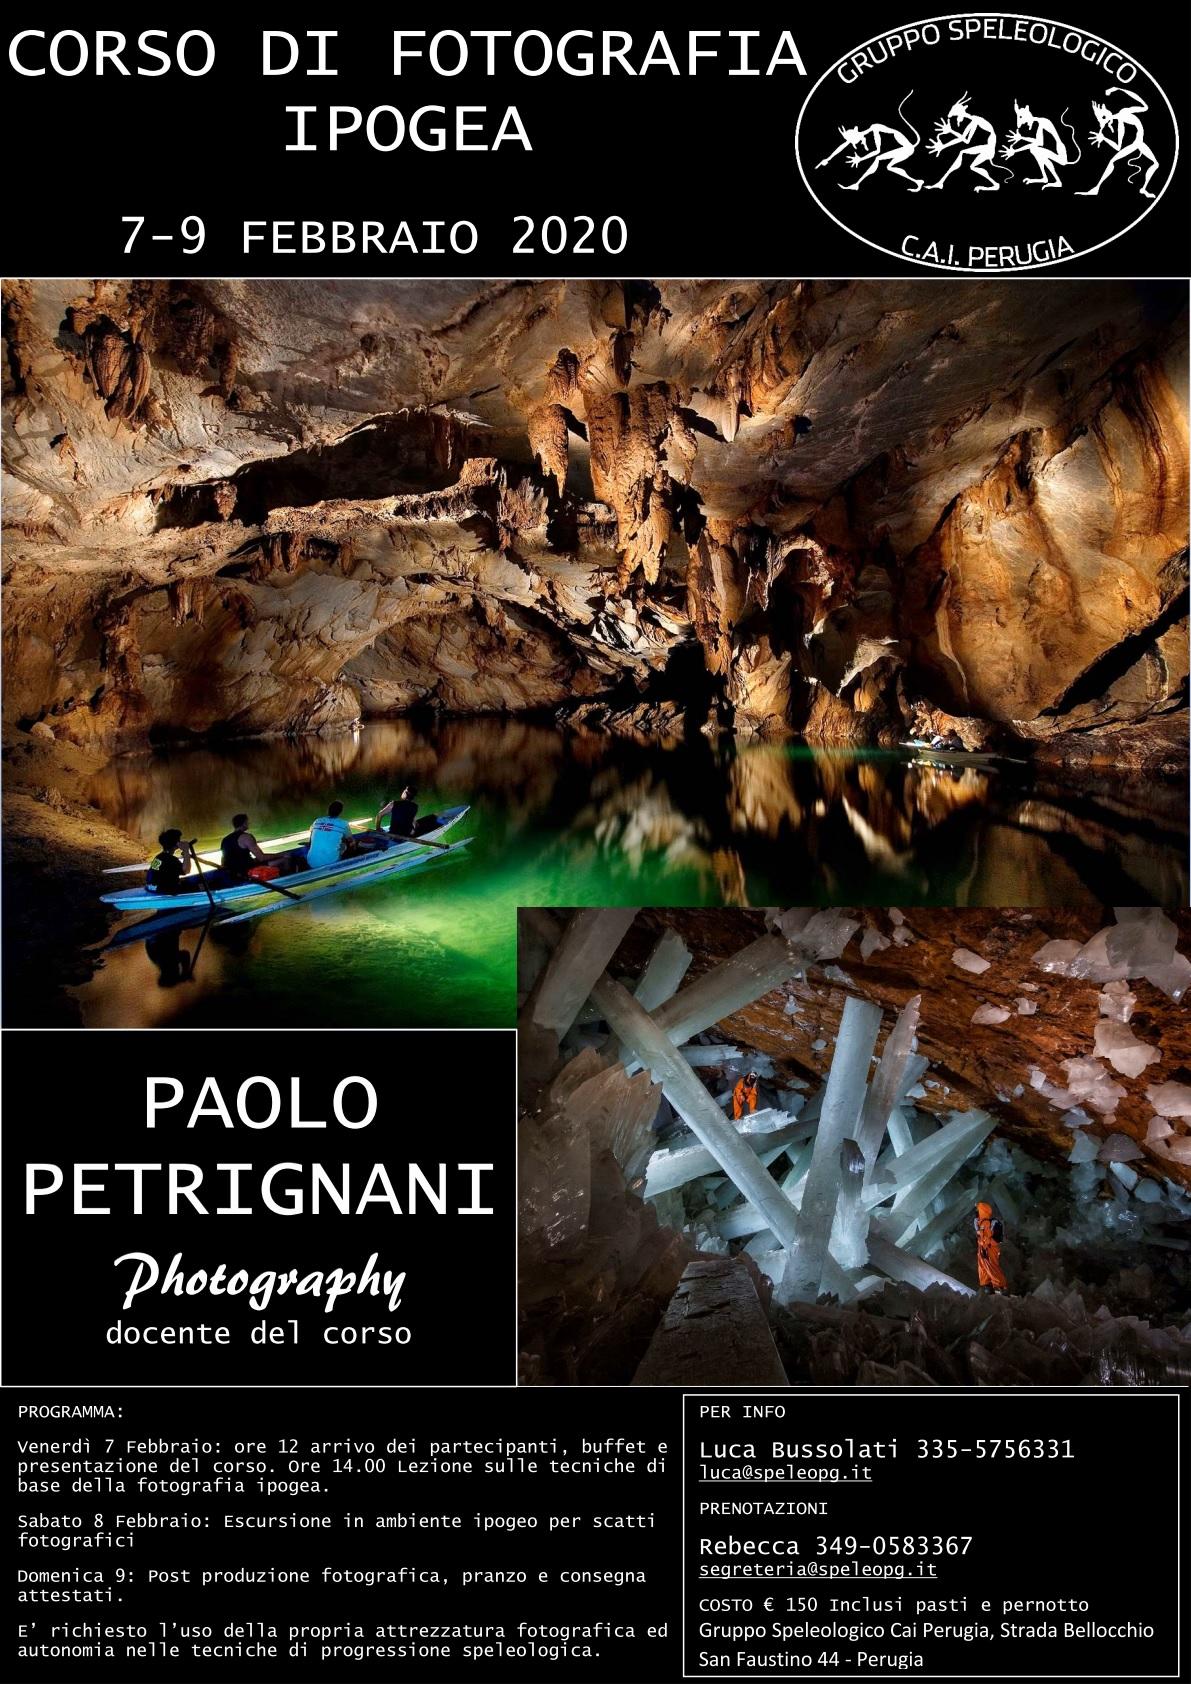 Corso di Fotografia Ipogea